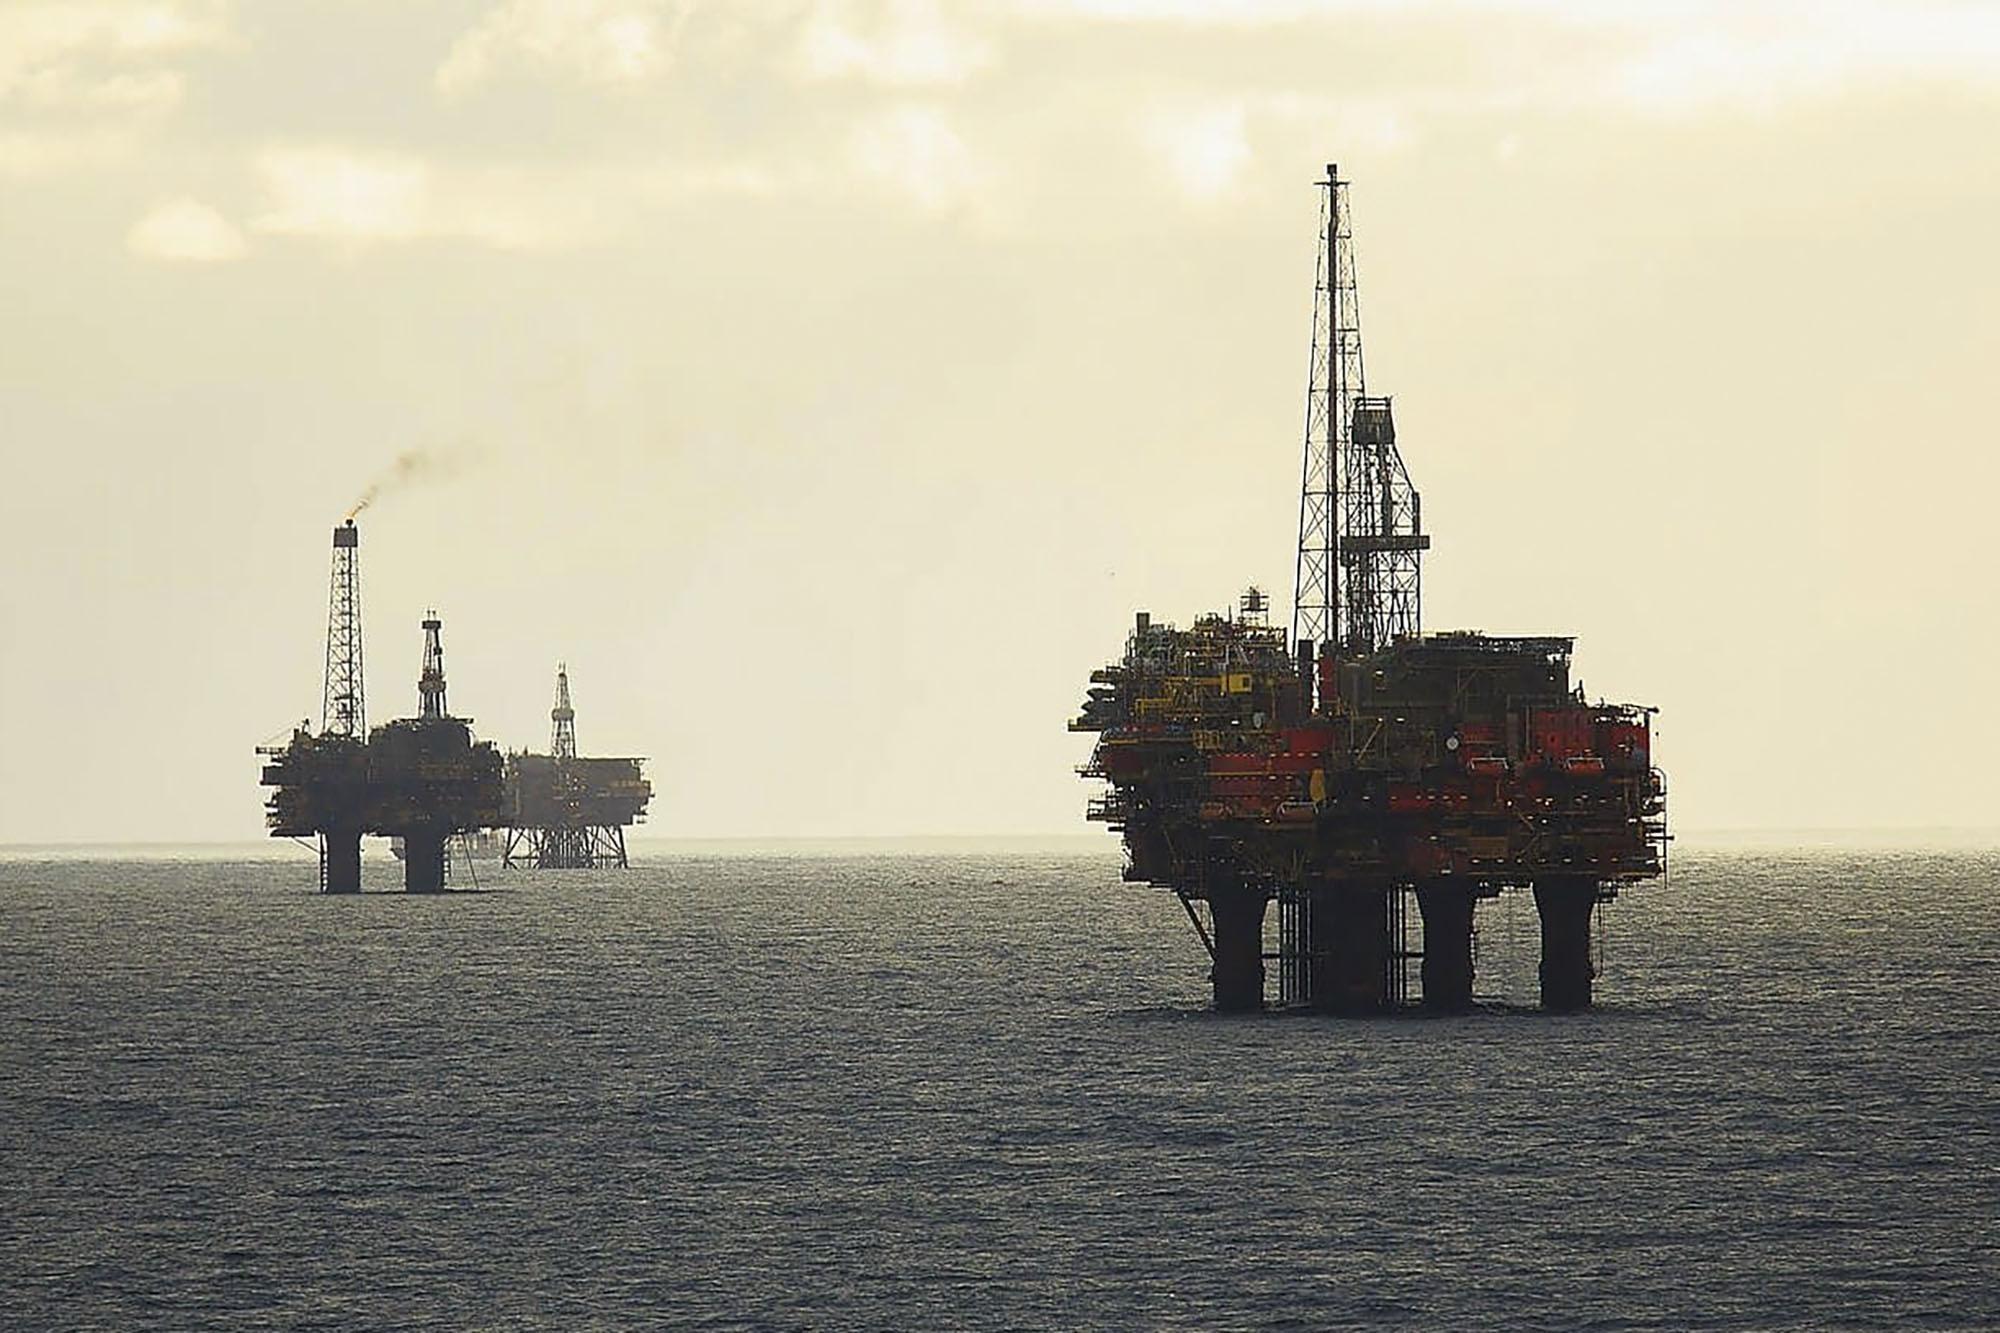 Plataformas de extração de petróleo no delta de Brent, no Mar do Norte. Fonte: www.shell.com